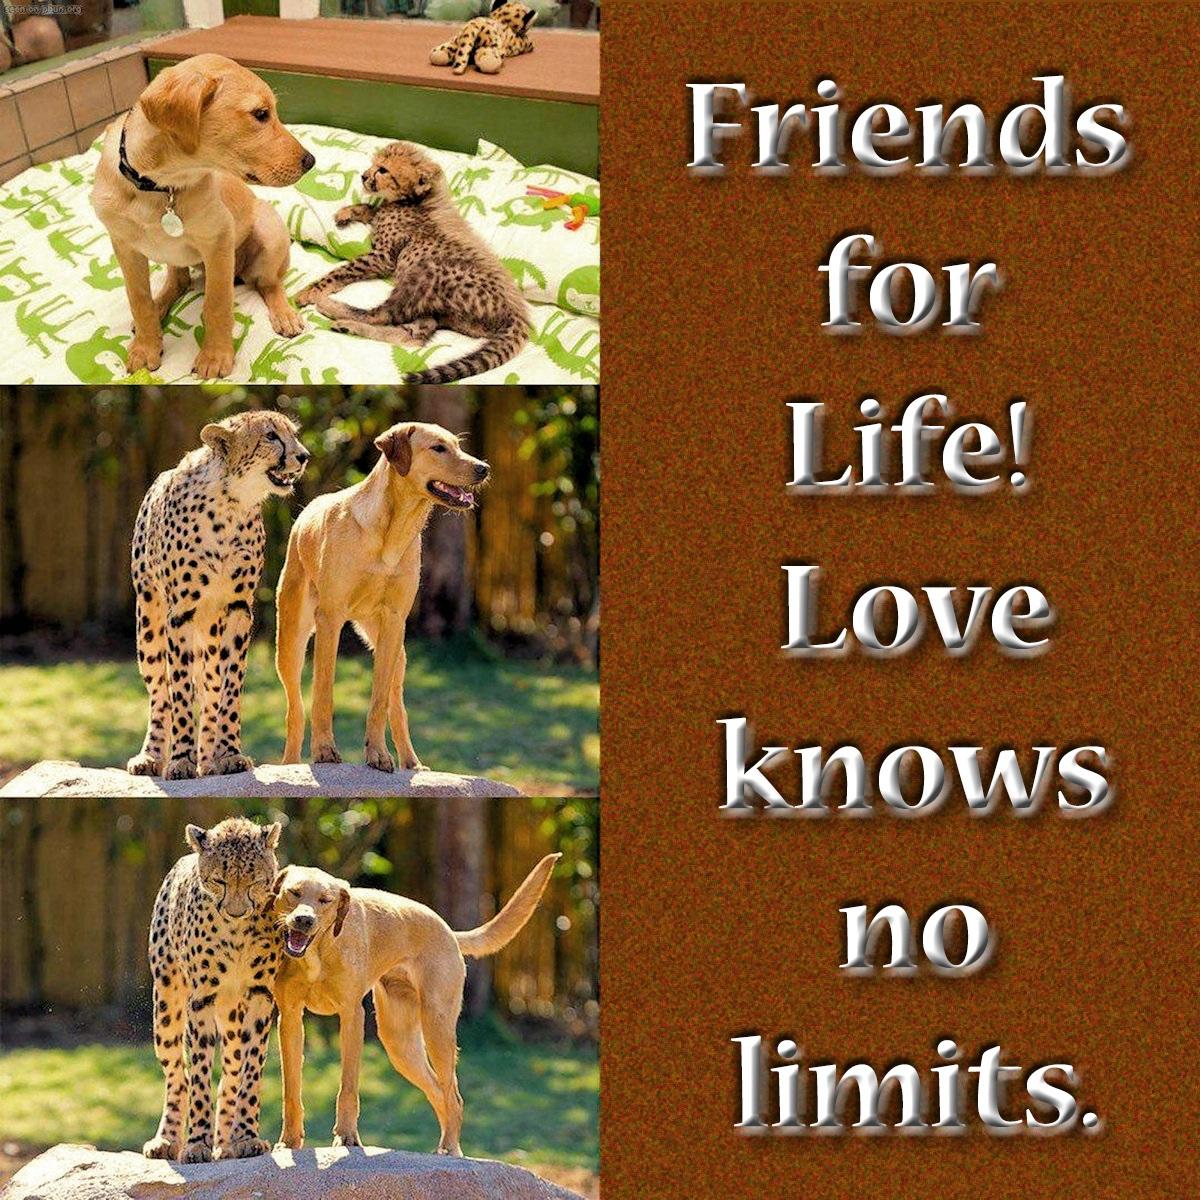 00-dog-and-cheetah-261016